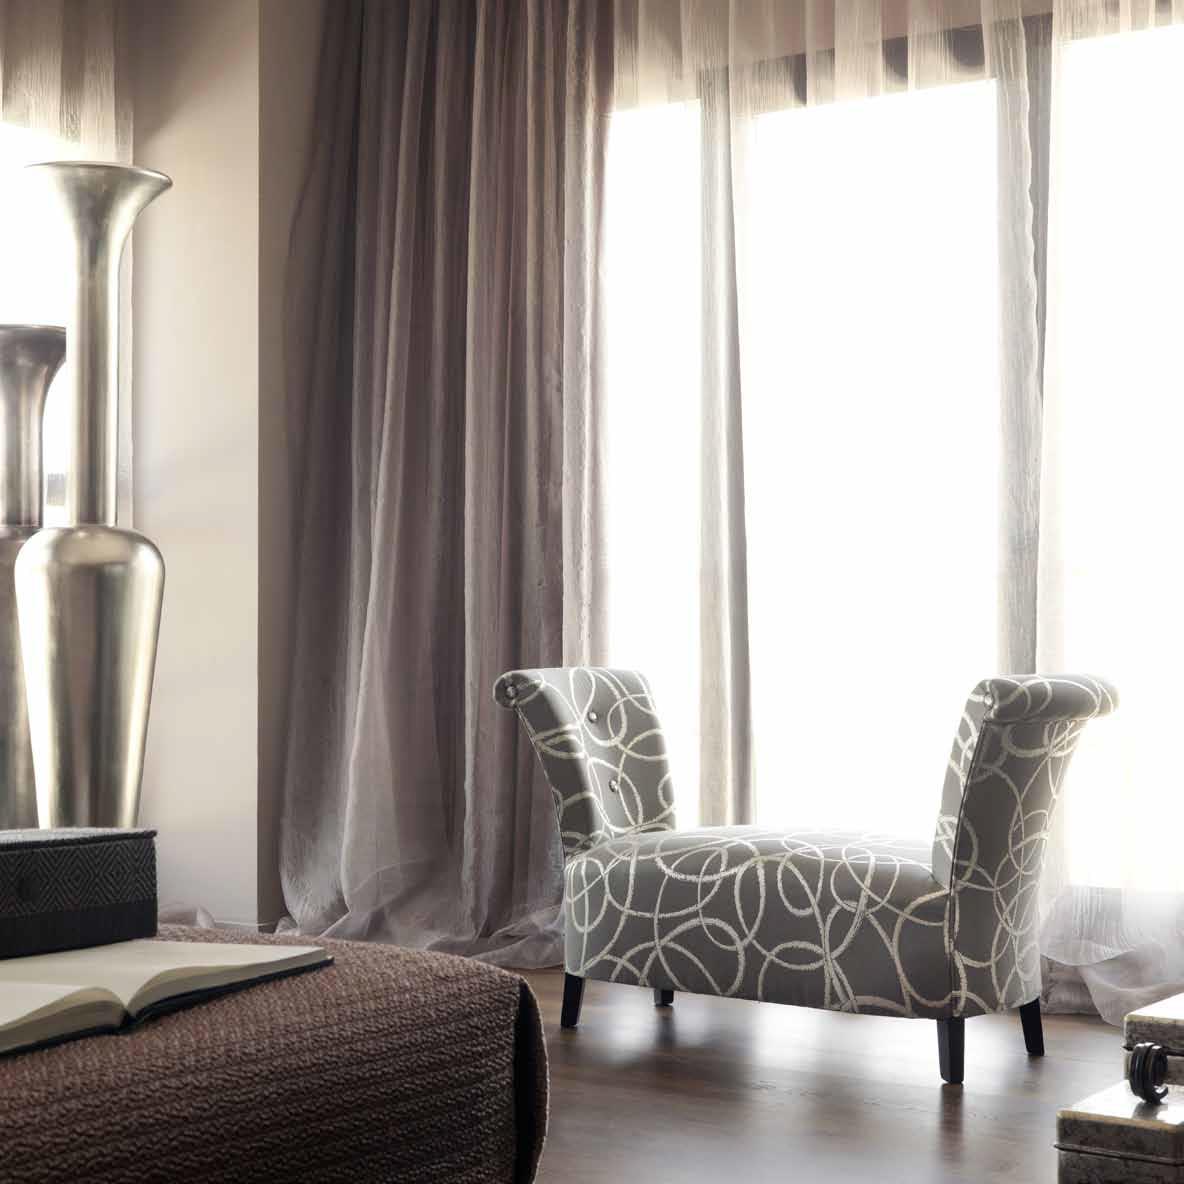 Las banquetas son ideales para el dormitorio villalba interiorismo - Banquetas dormitorio ...